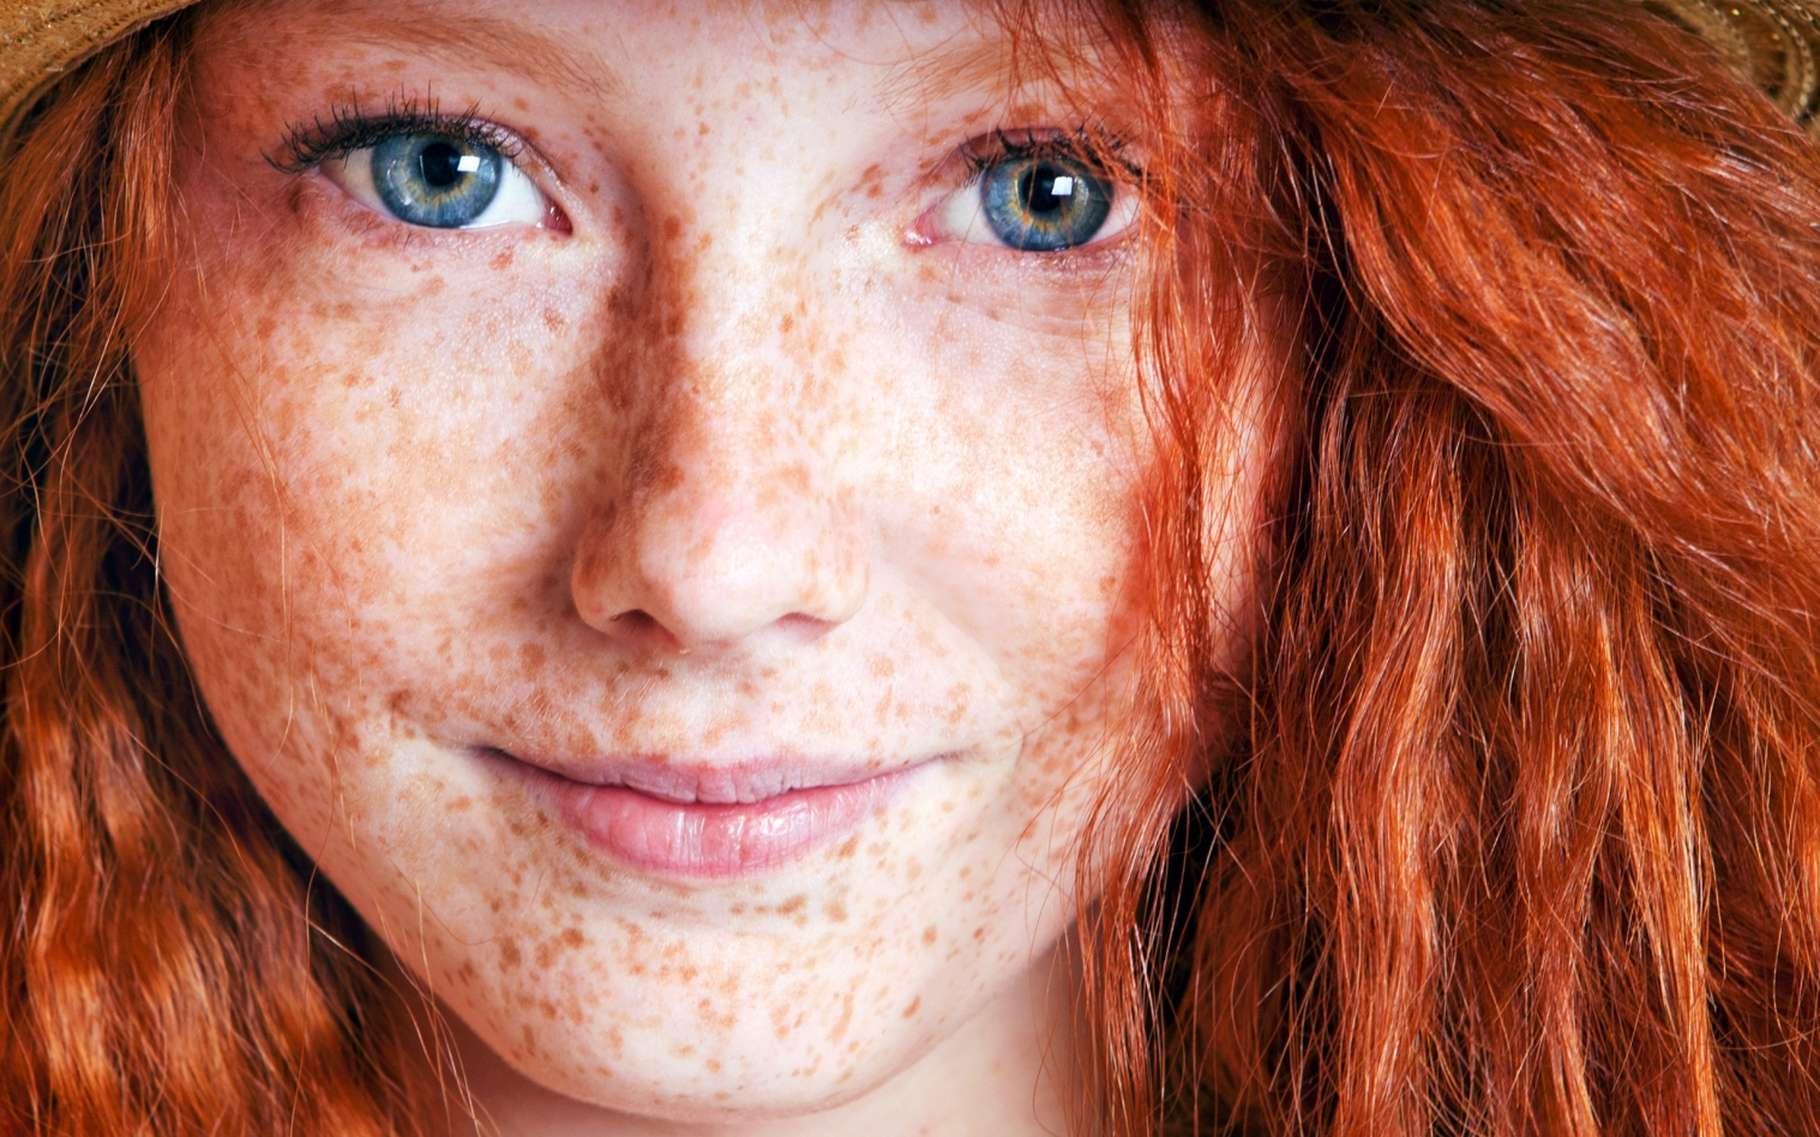 Pour la première fois, des chercheurs ont démontré un lien entre un gène et le risque plus élevé de mélanome chez les personnes aux cheveux roux. © Nina Malyna, Shutterstock